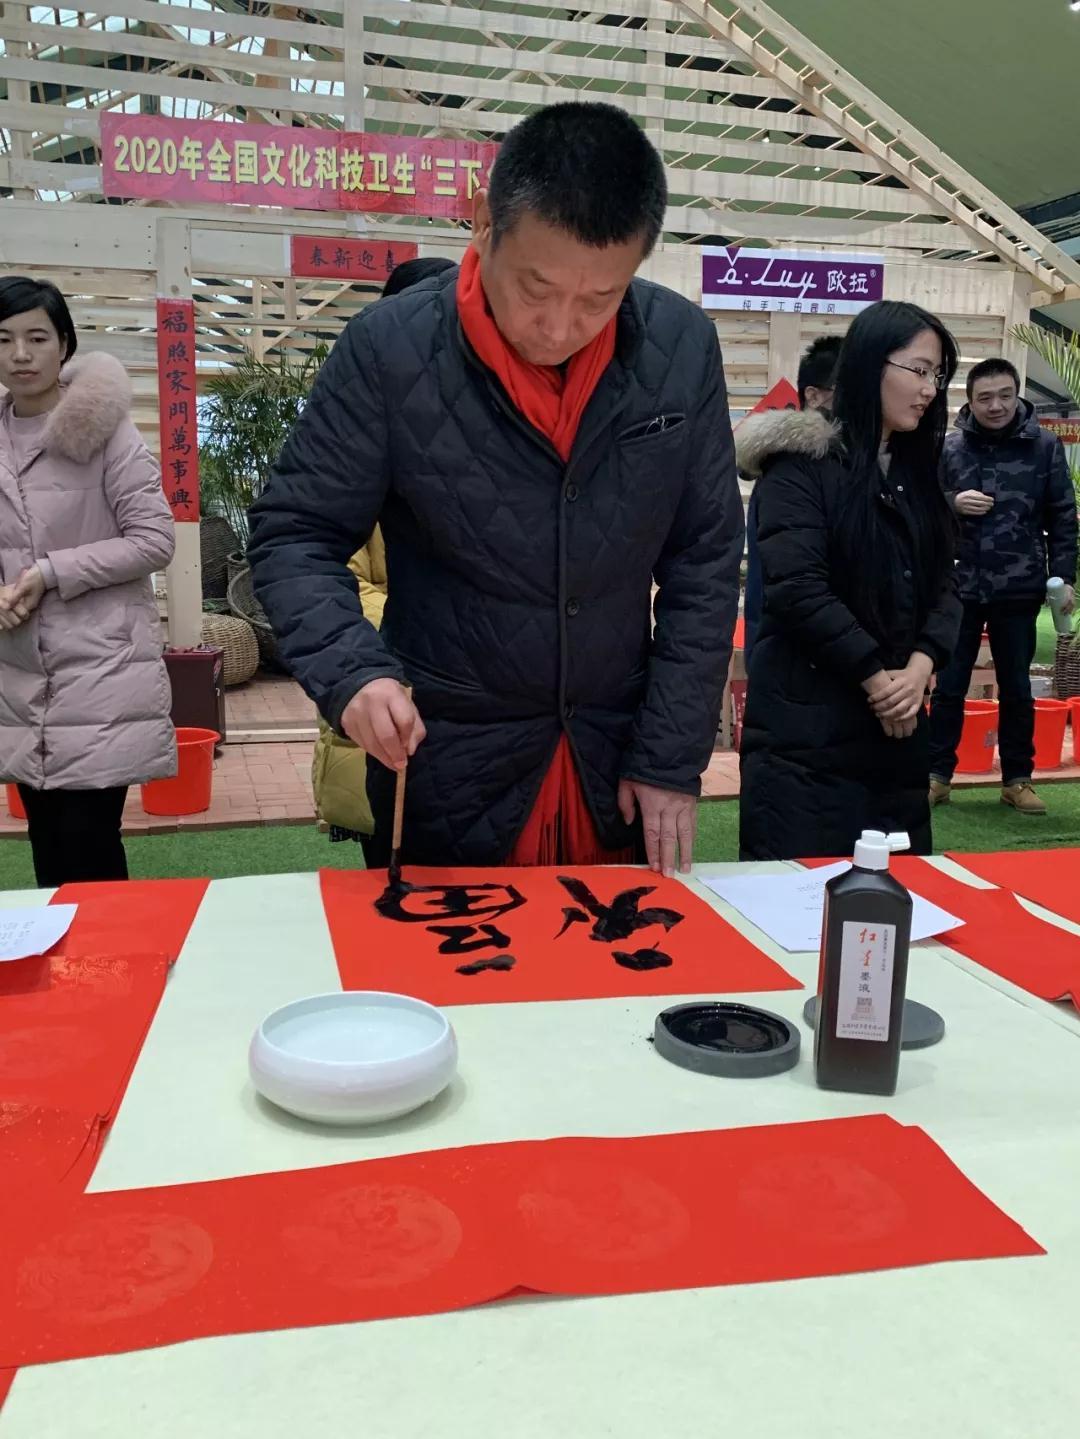 中国国家画院书法篆刻所负责人魏广君现场写福字